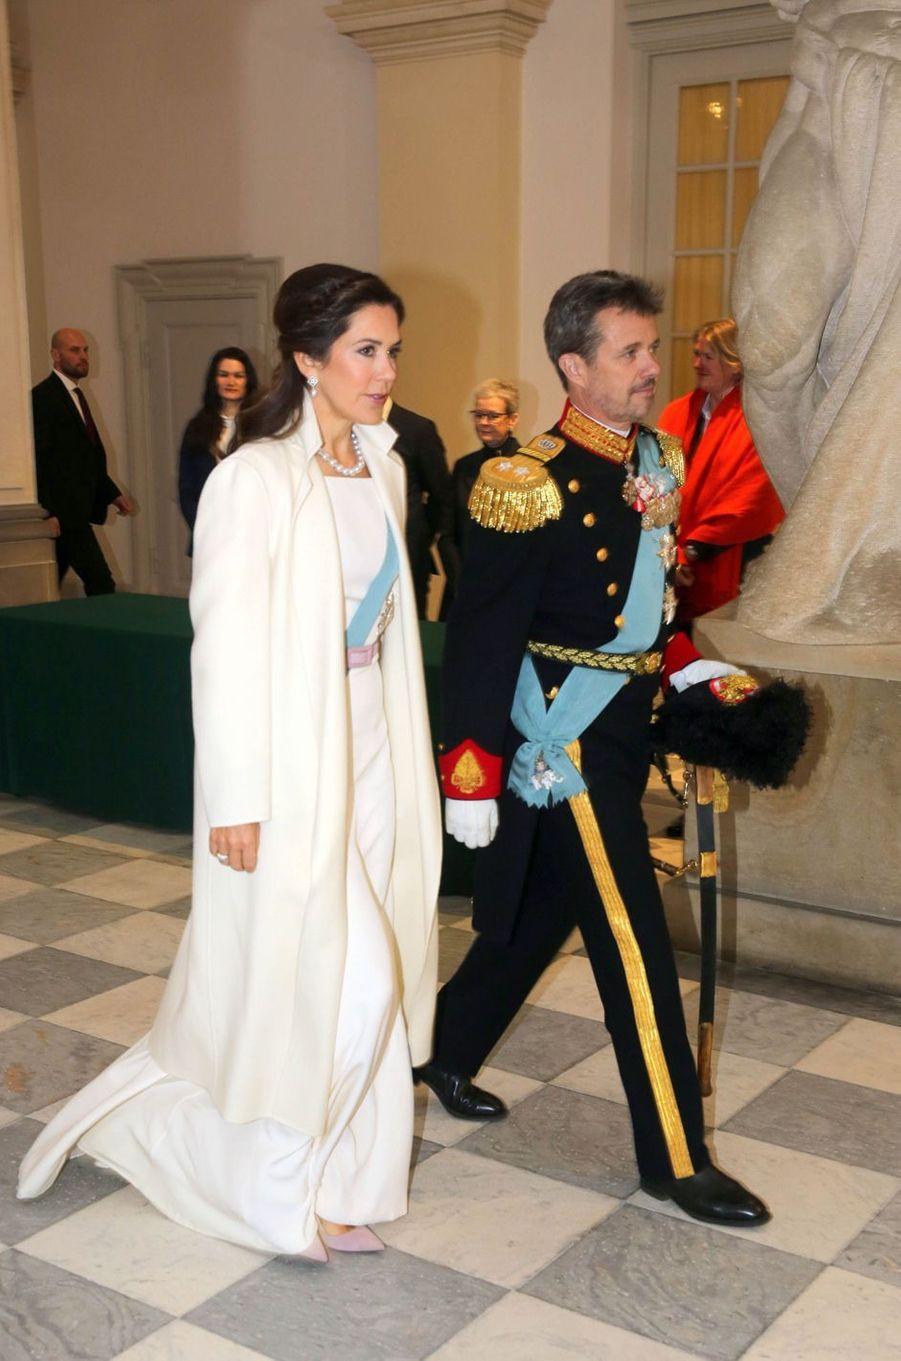 La princesse Mary, en blanc, et le prince héritier Frederik de Danemark à Copenhague, le 2 janvier 2019